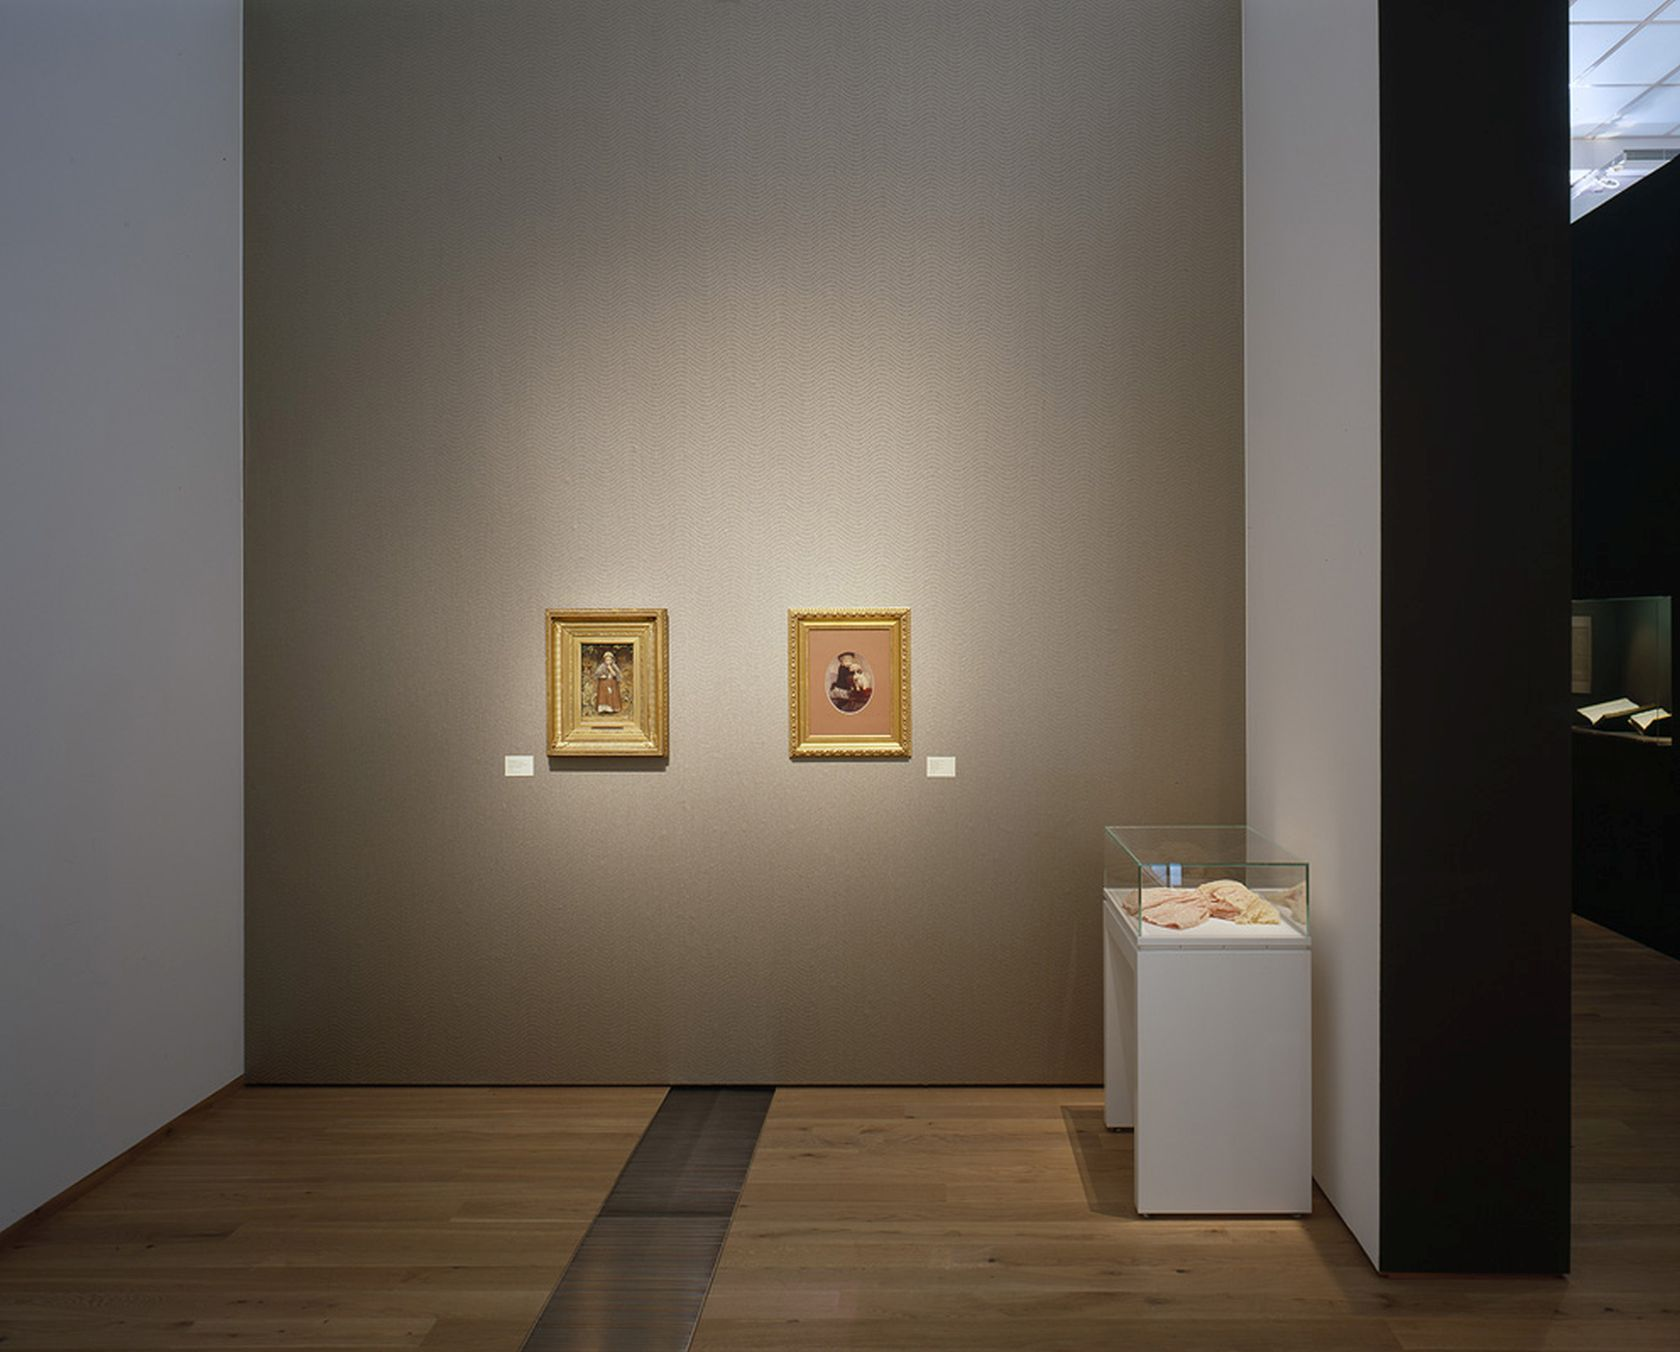 Ausstellung DRAI CLEMENS UND AUGUST-004